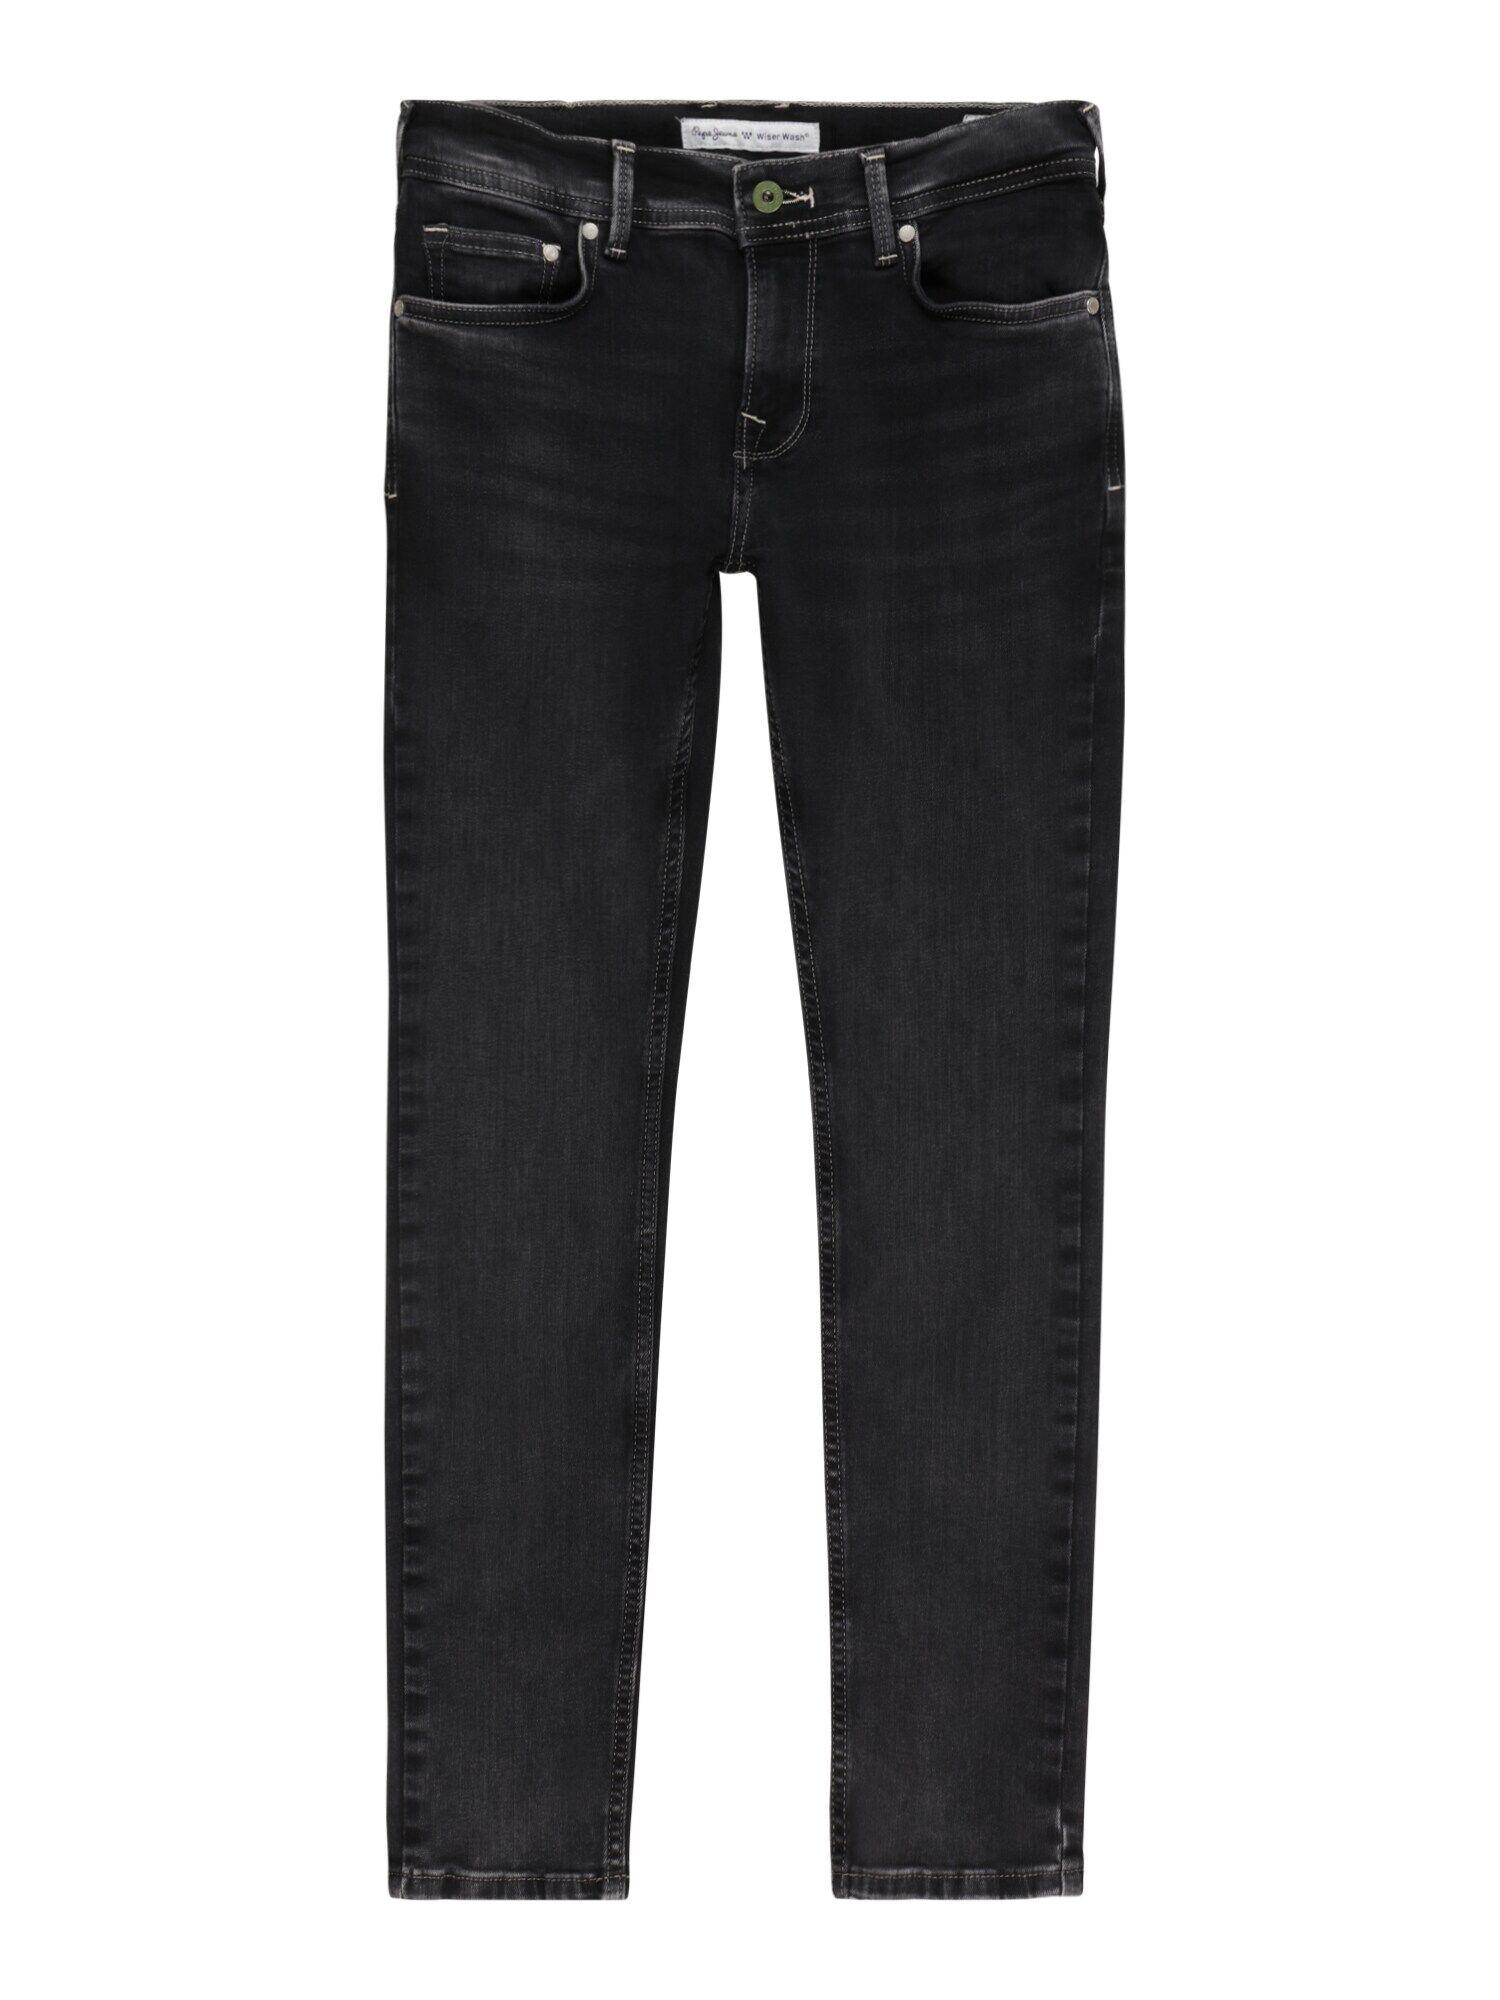 Pepe Jeans Jean 'FINLY'  - Bleu - Taille: 14 - boy